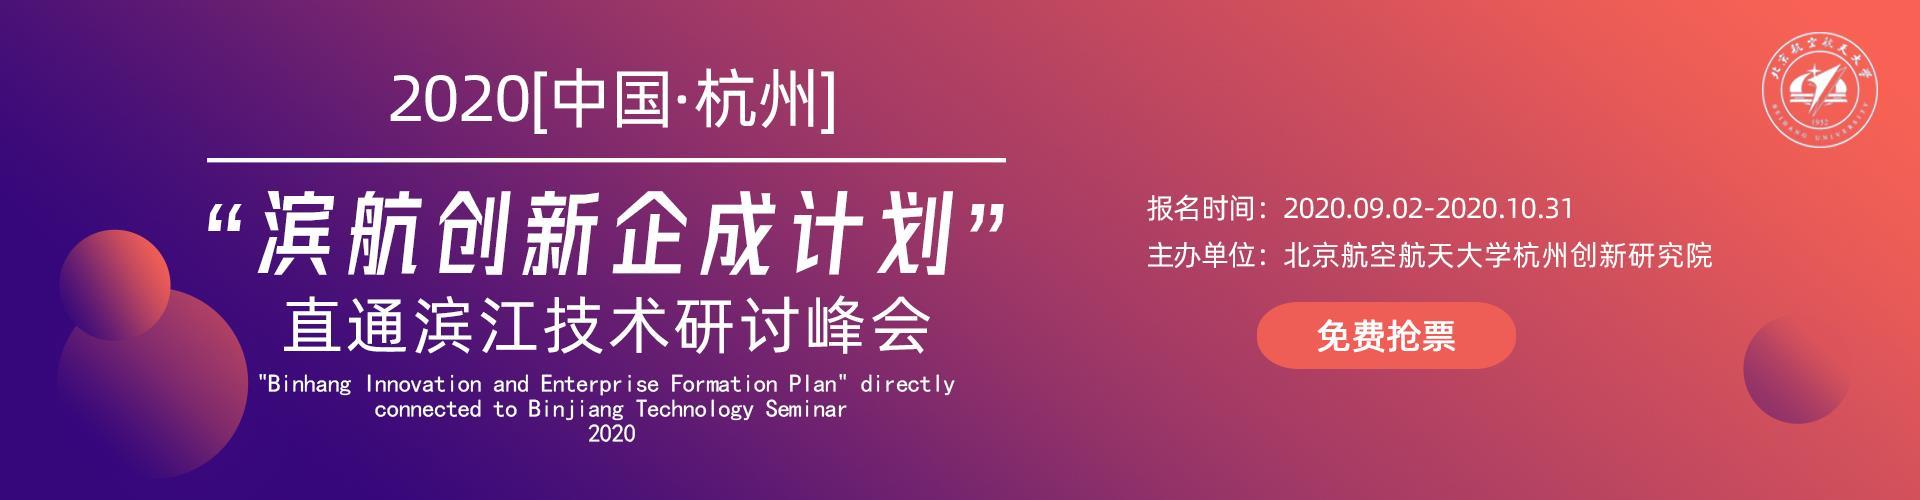 """2020中国·杭州""""滨航创新企成计划""""直通滨江技术研讨峰会"""